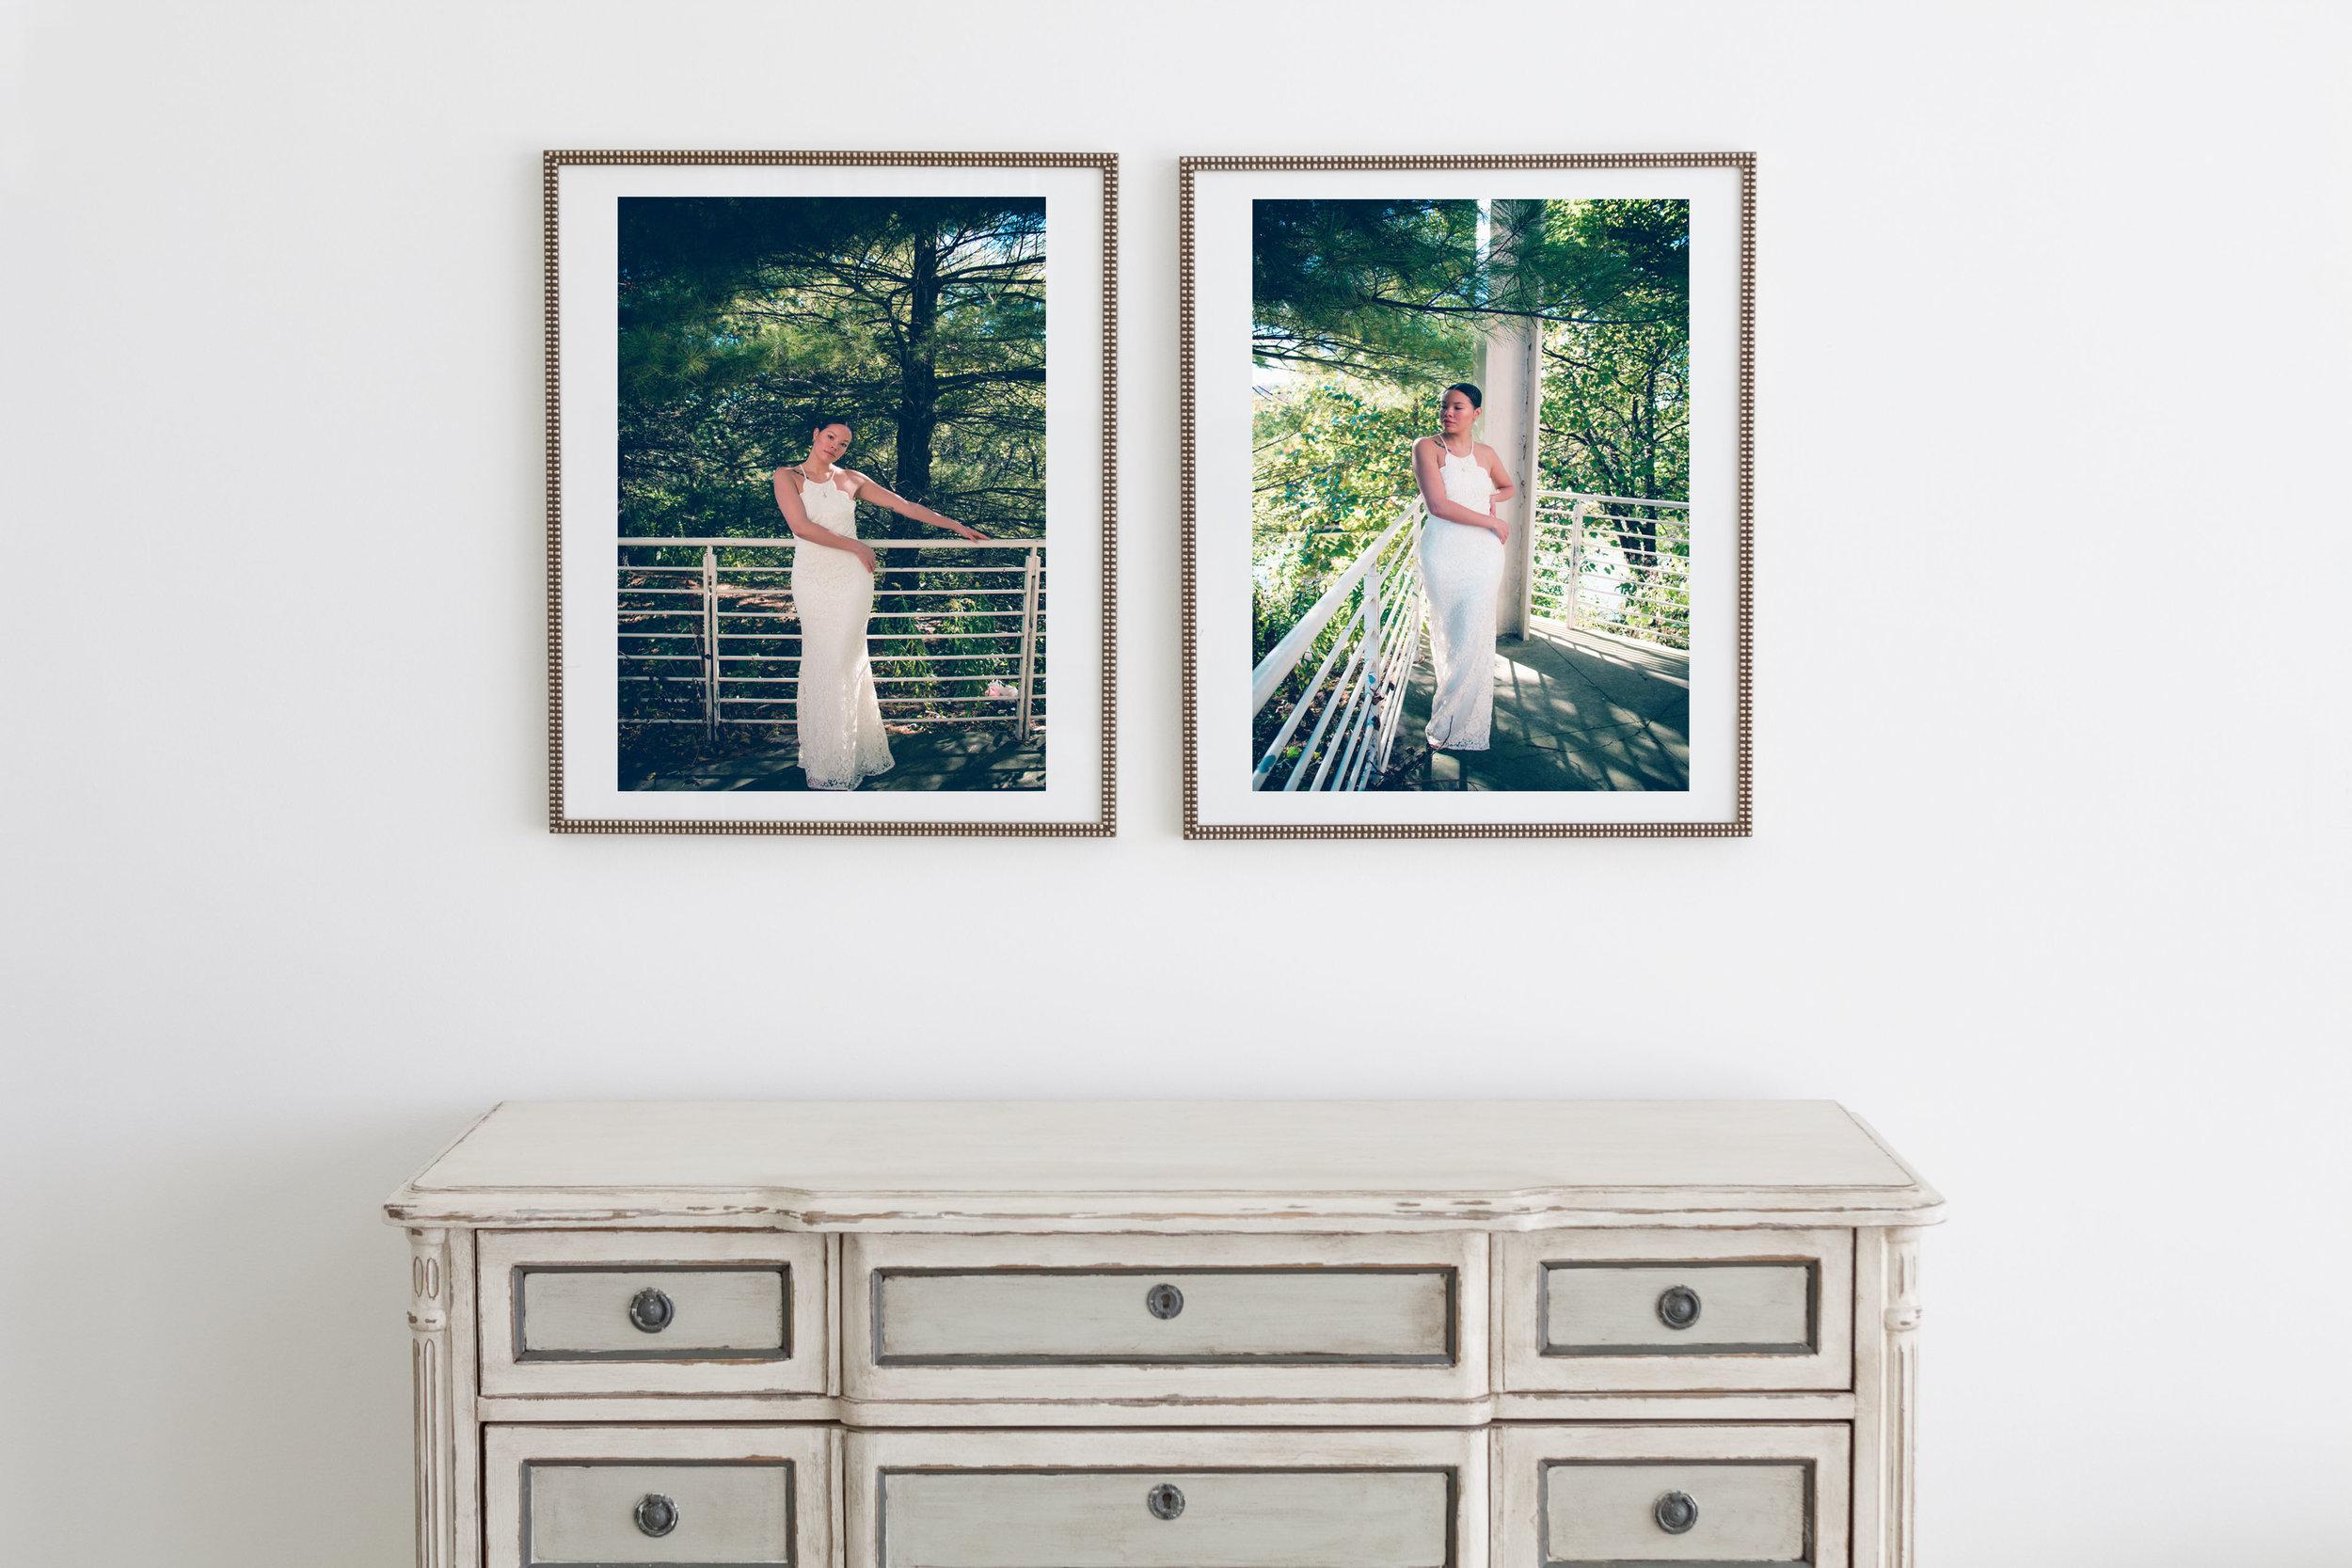 fine_art_prints.jpg